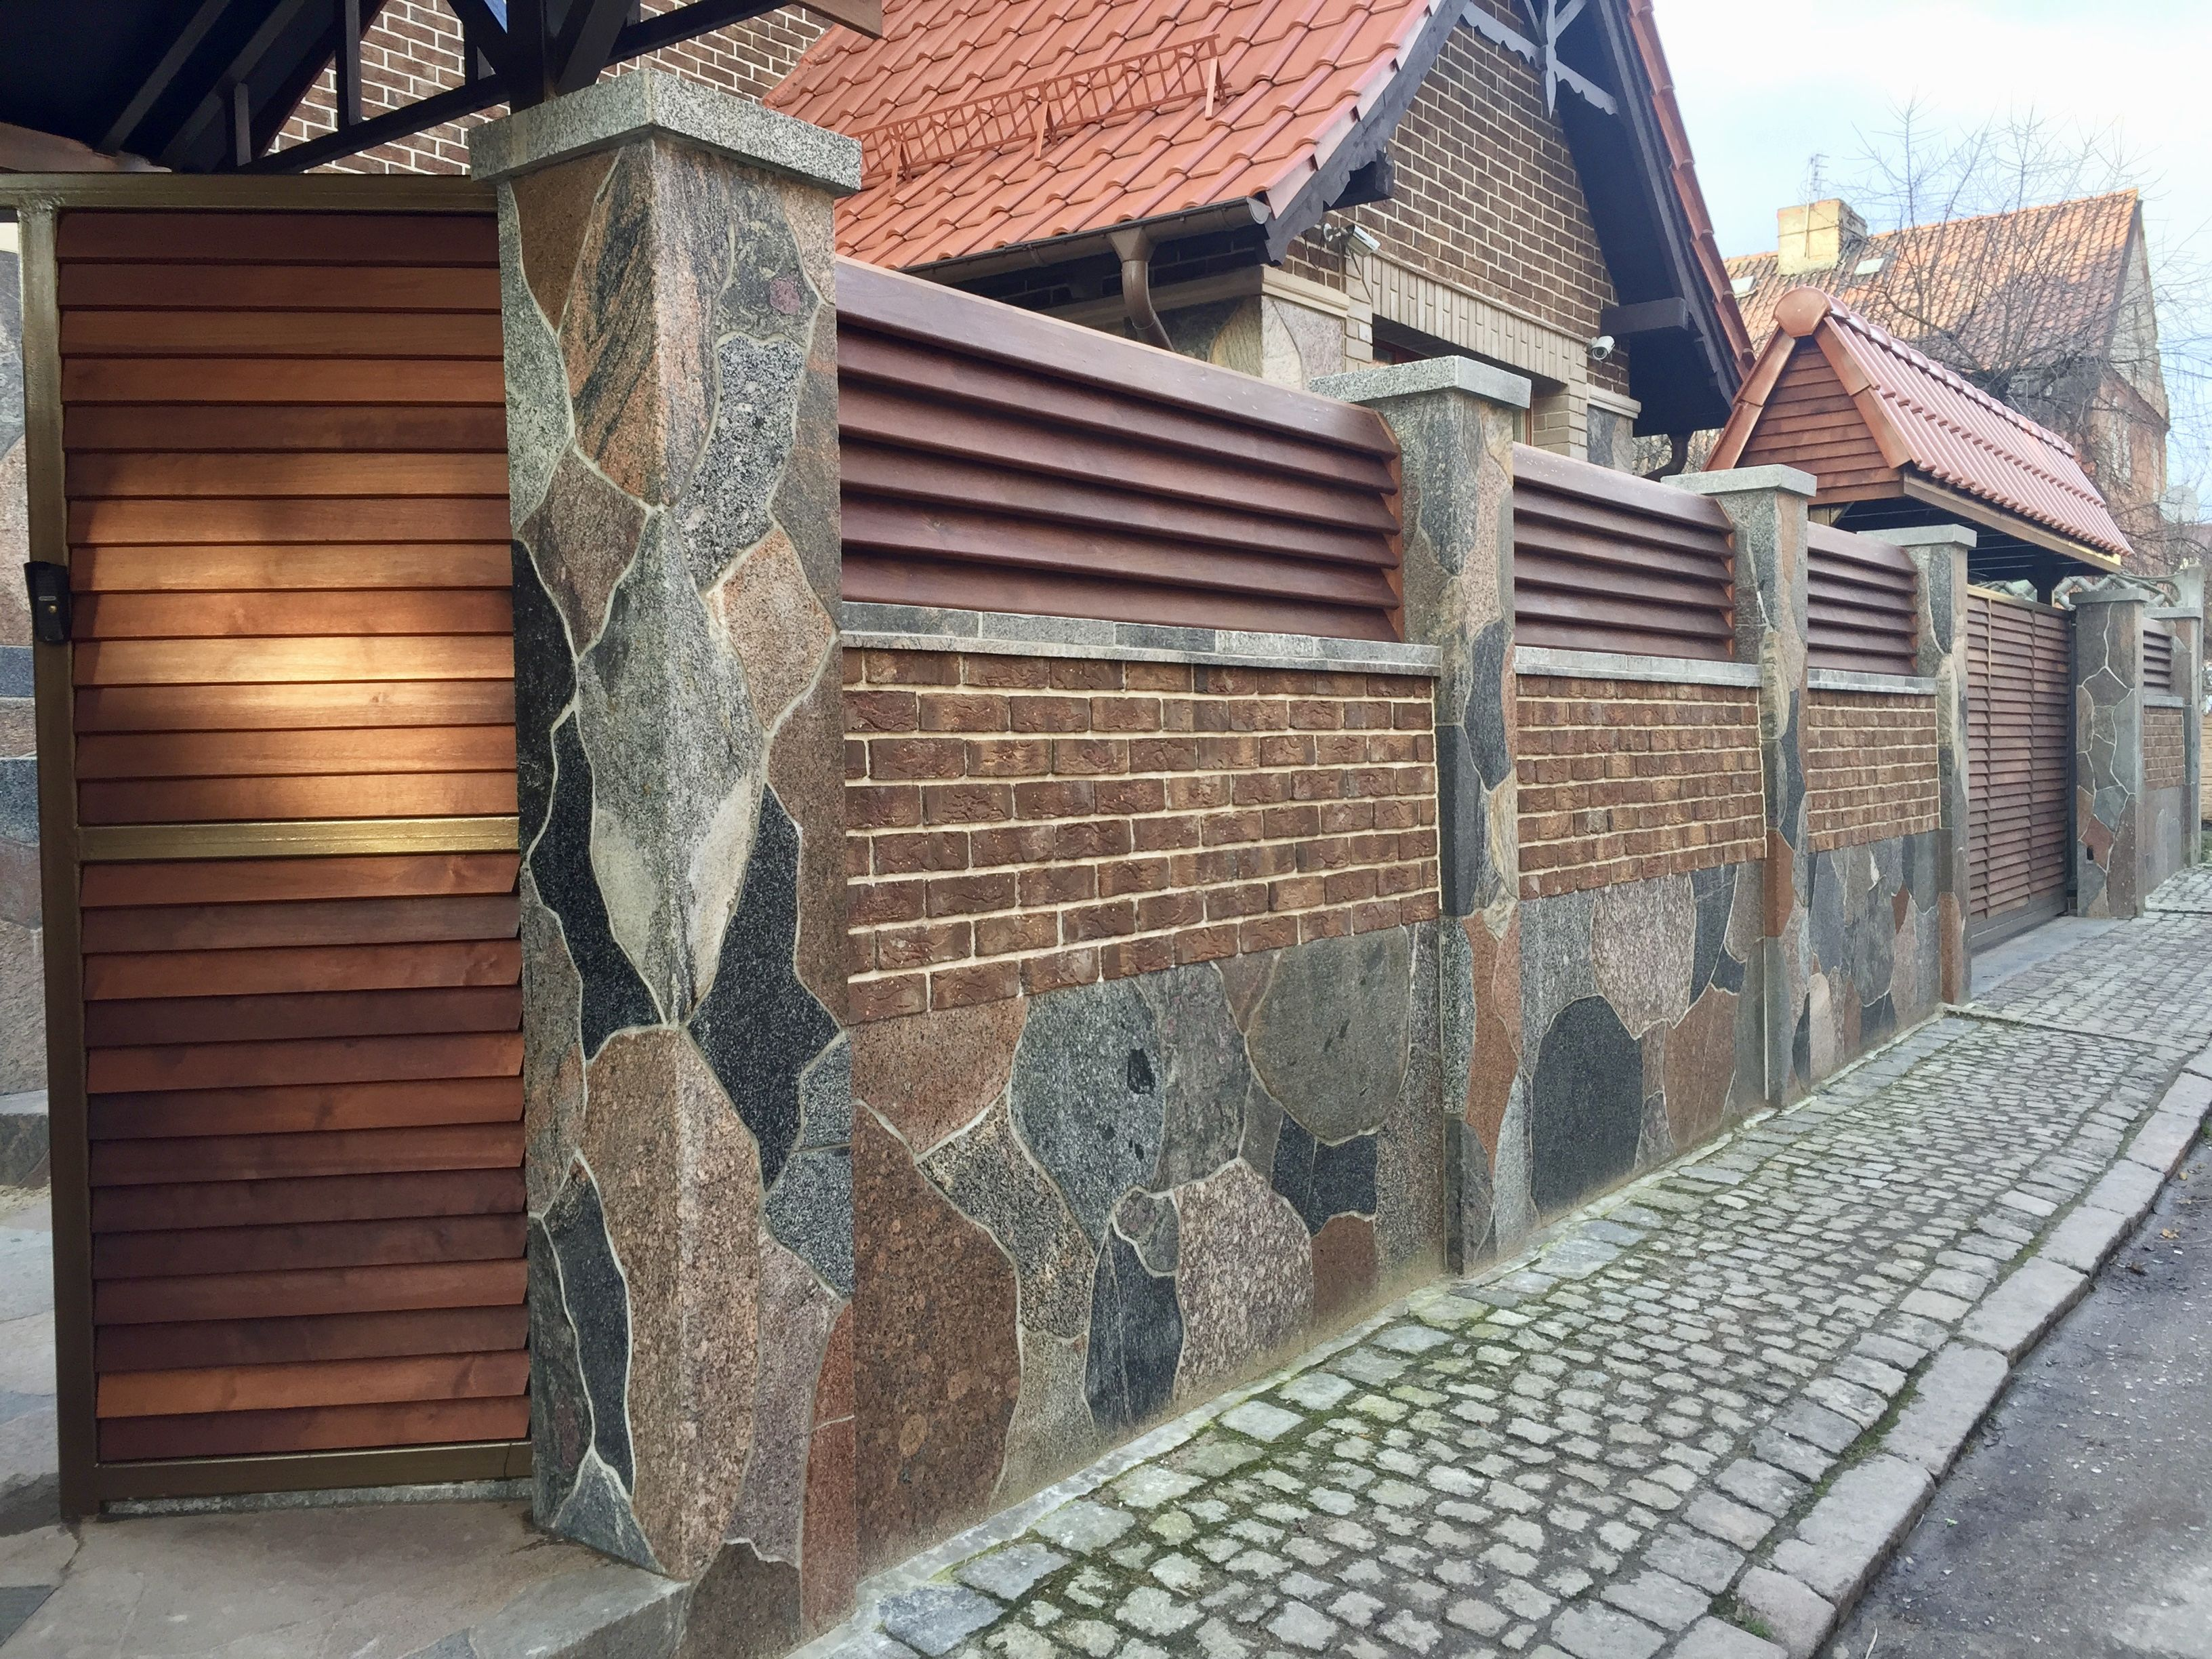 заборы из натурального камня и дерева фото картинки